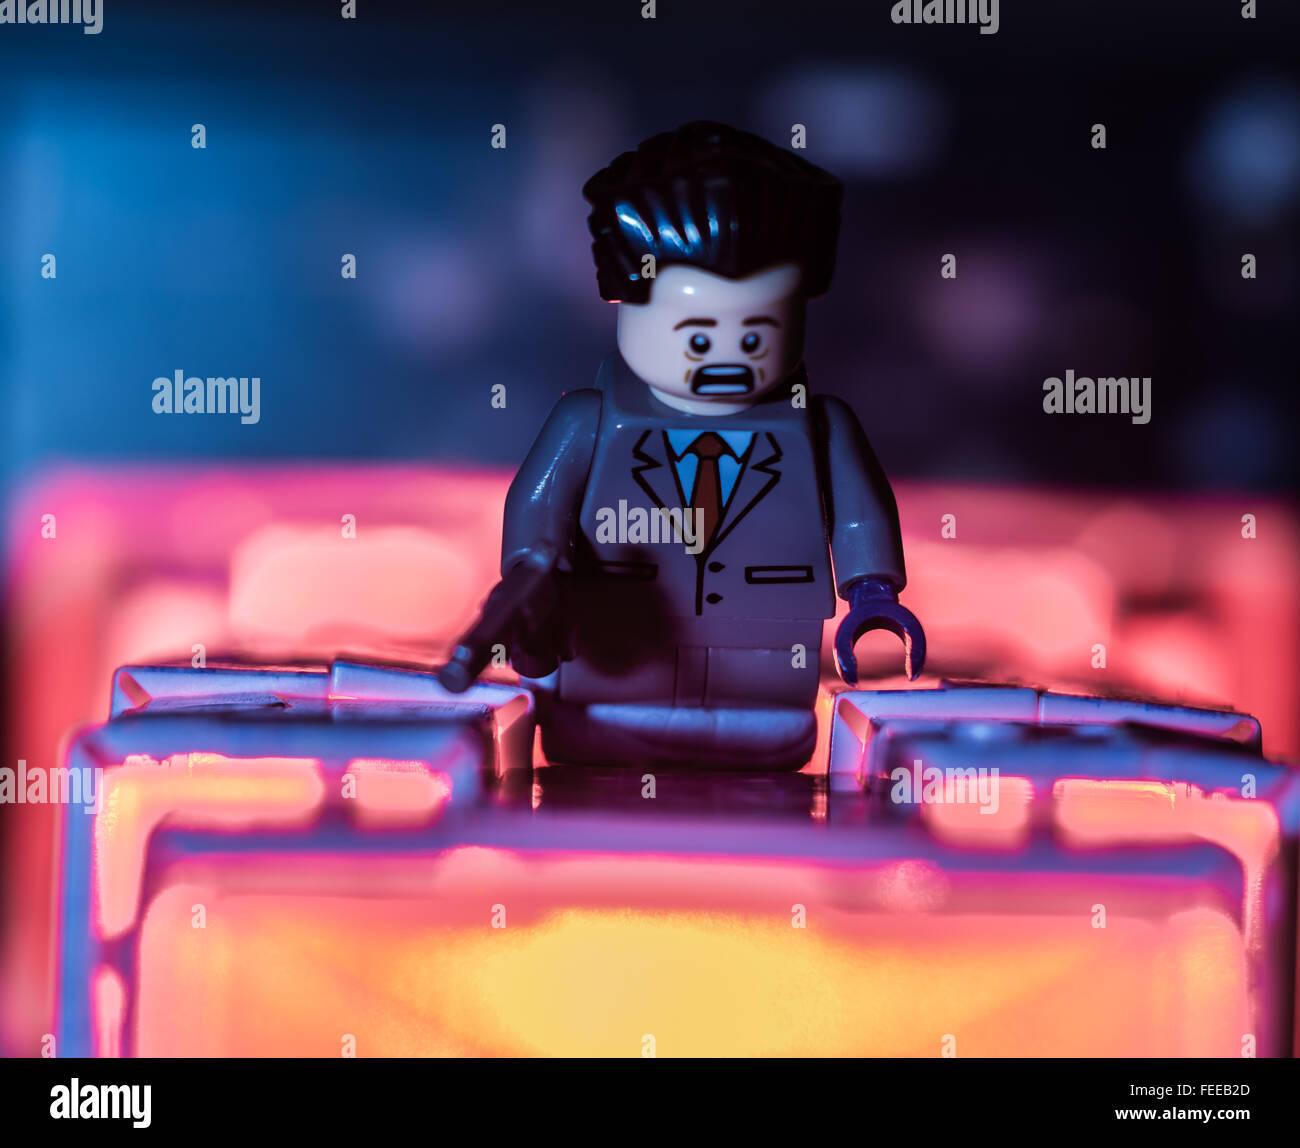 Lego Hans gruber Alan rickman die hard falling nakatomi plaza - Stock Image